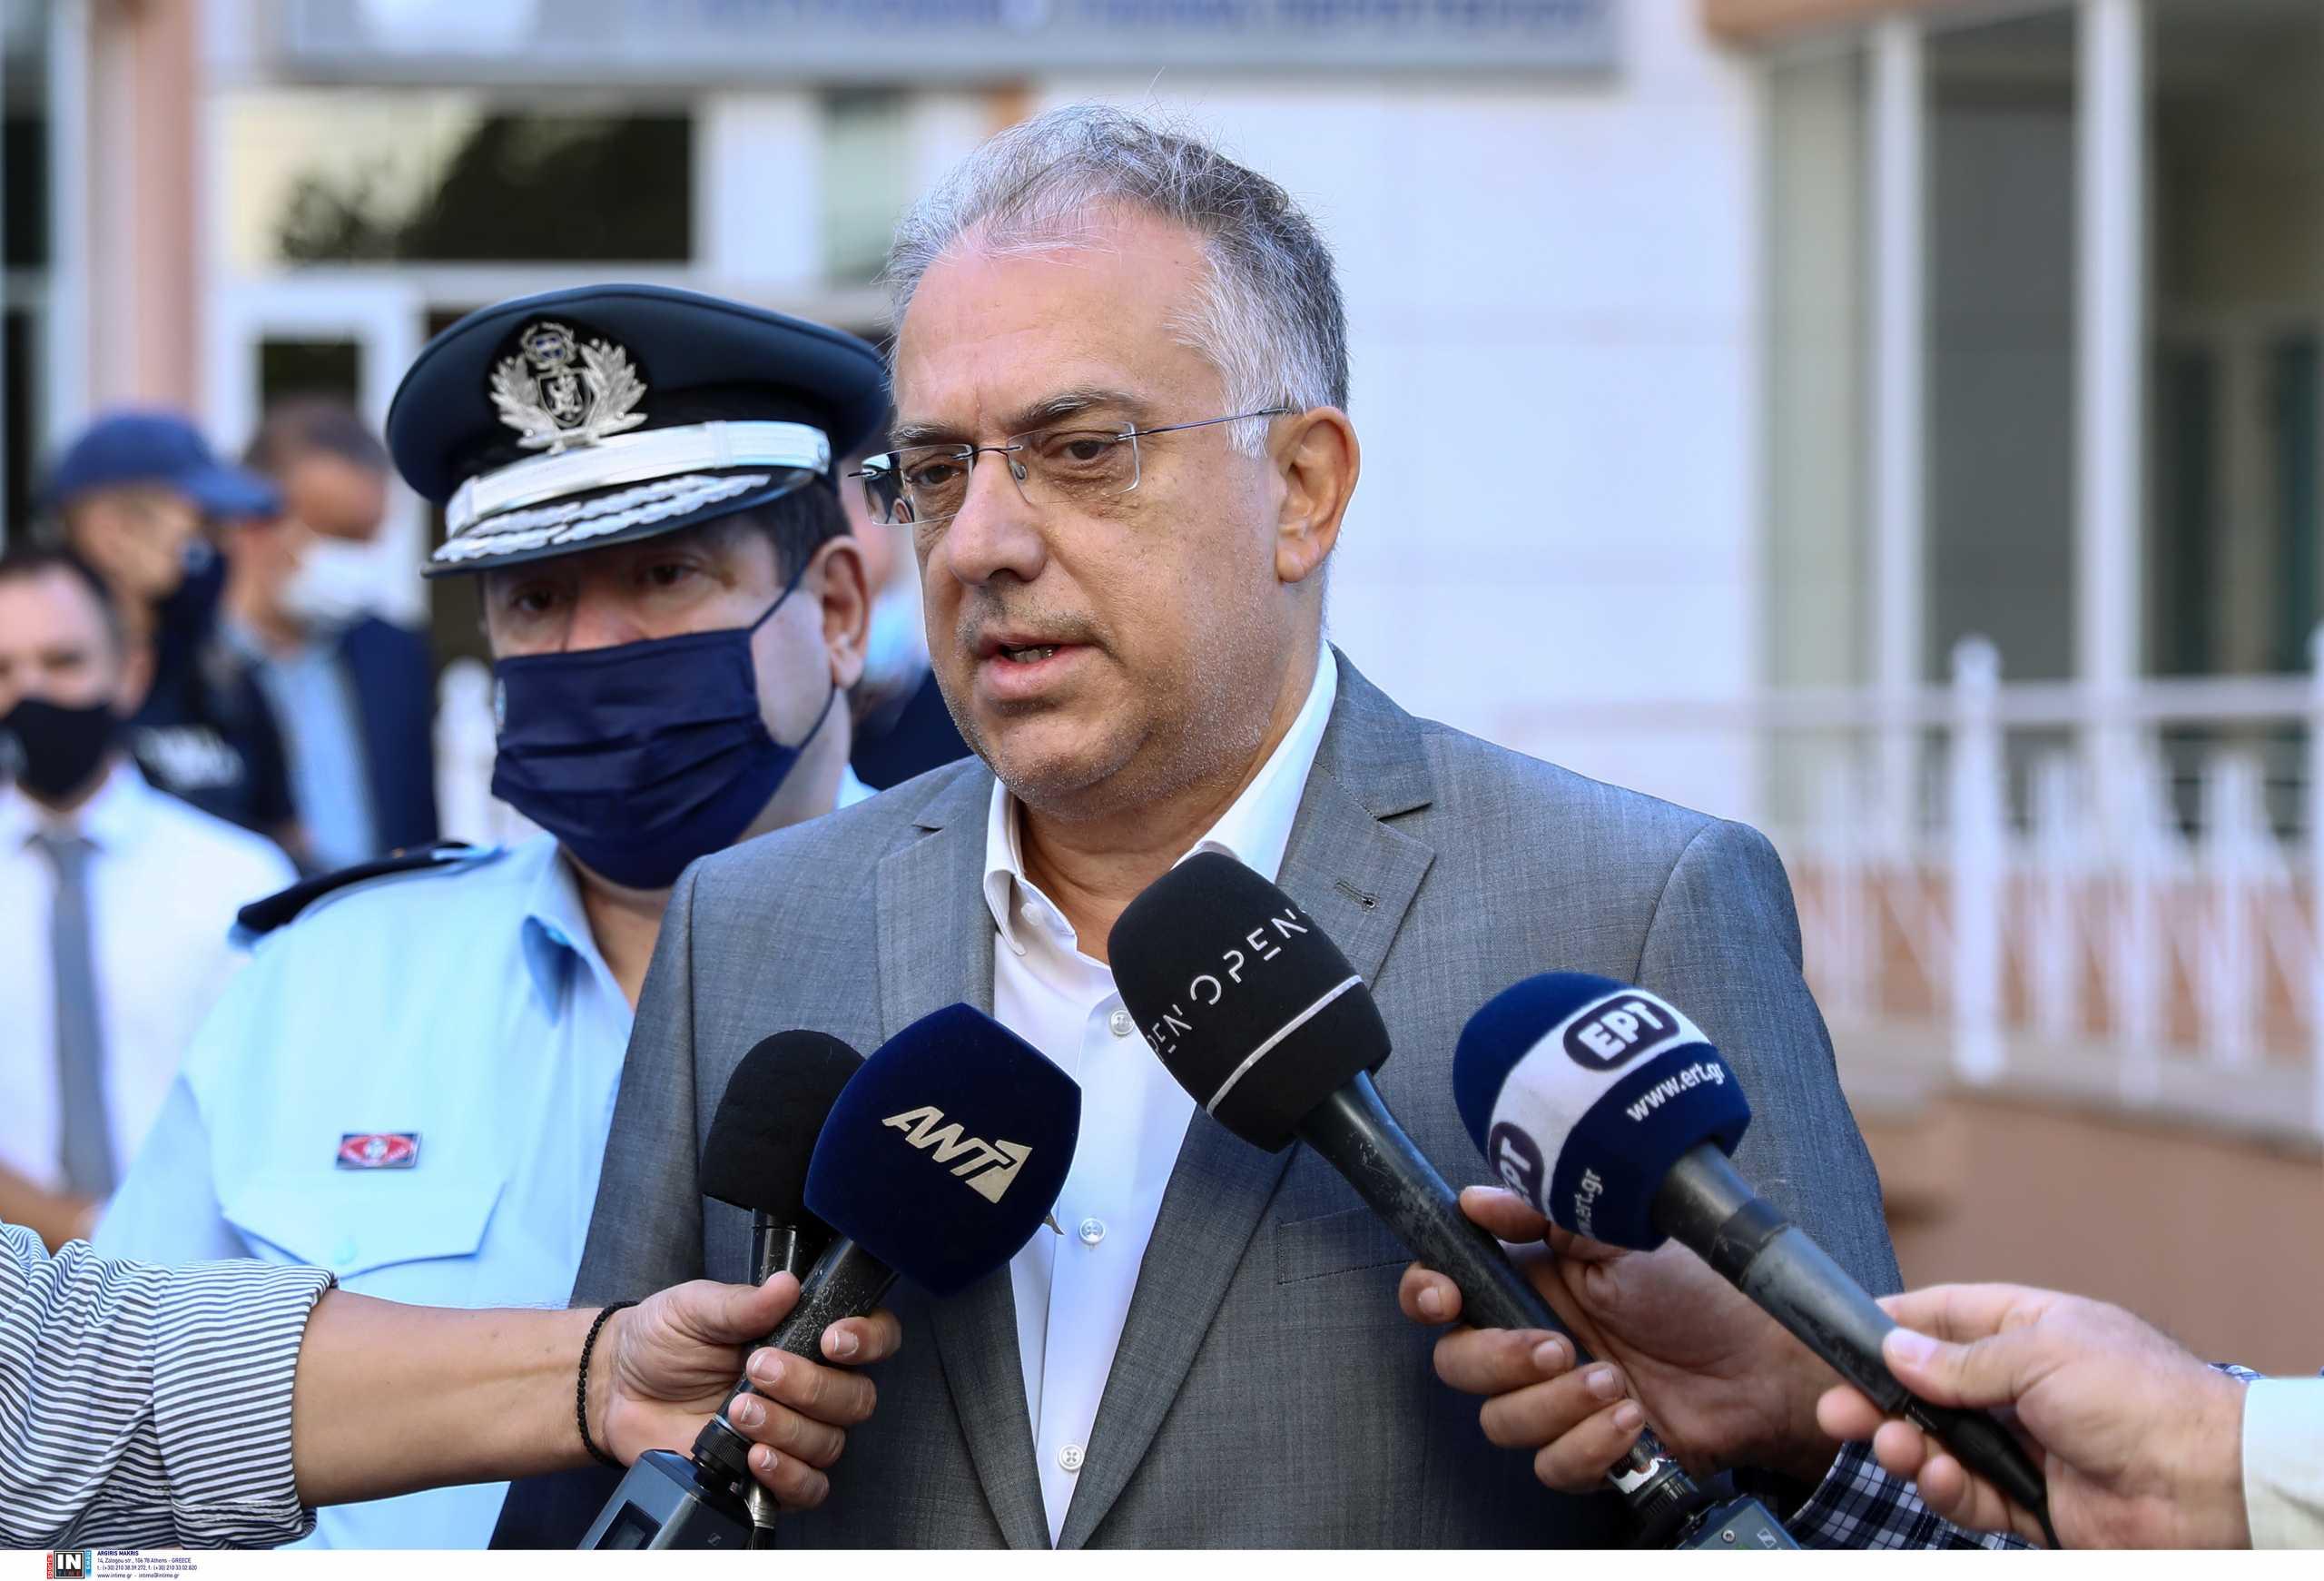 Εκστρατεία ενημέρωσης κατά της τρομοκρατίας στα σχολεία πρότεινε ο Υπουργός Προστασίας του Πολίτη